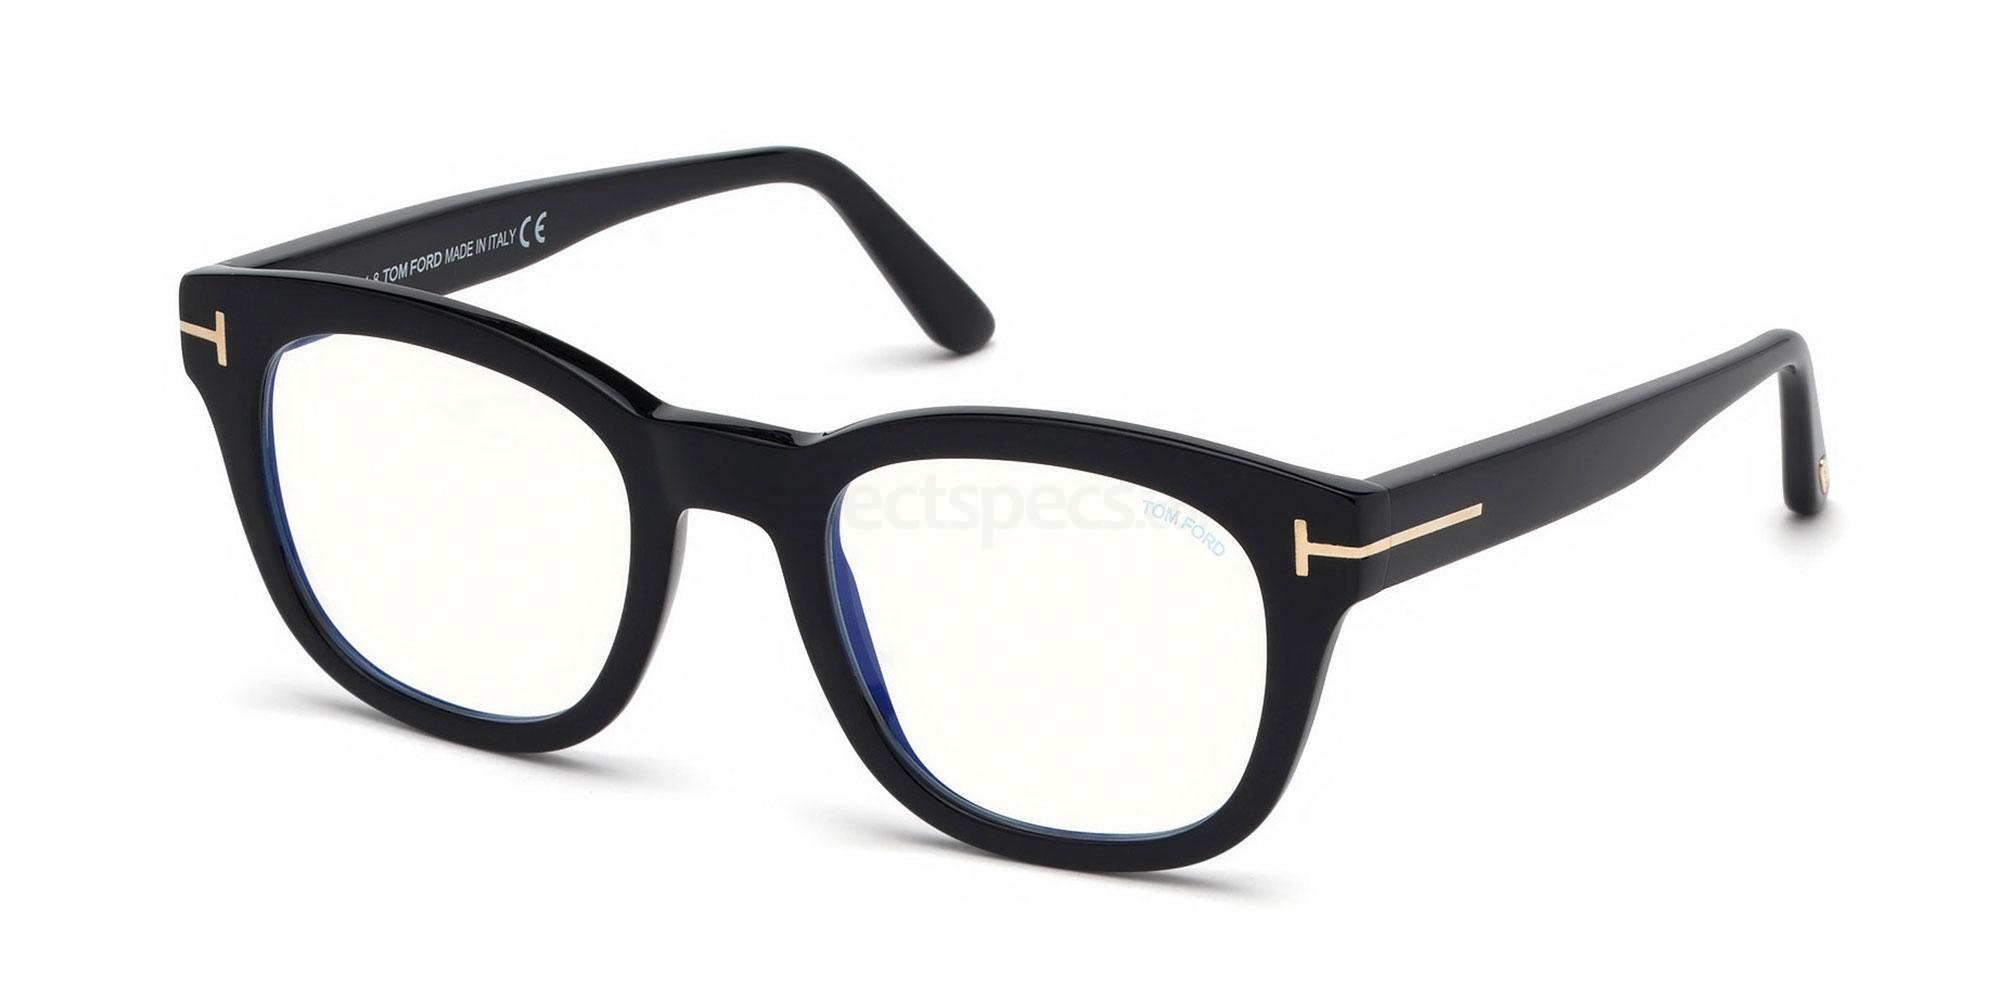 001 FT5542-B Glasses, Tom Ford